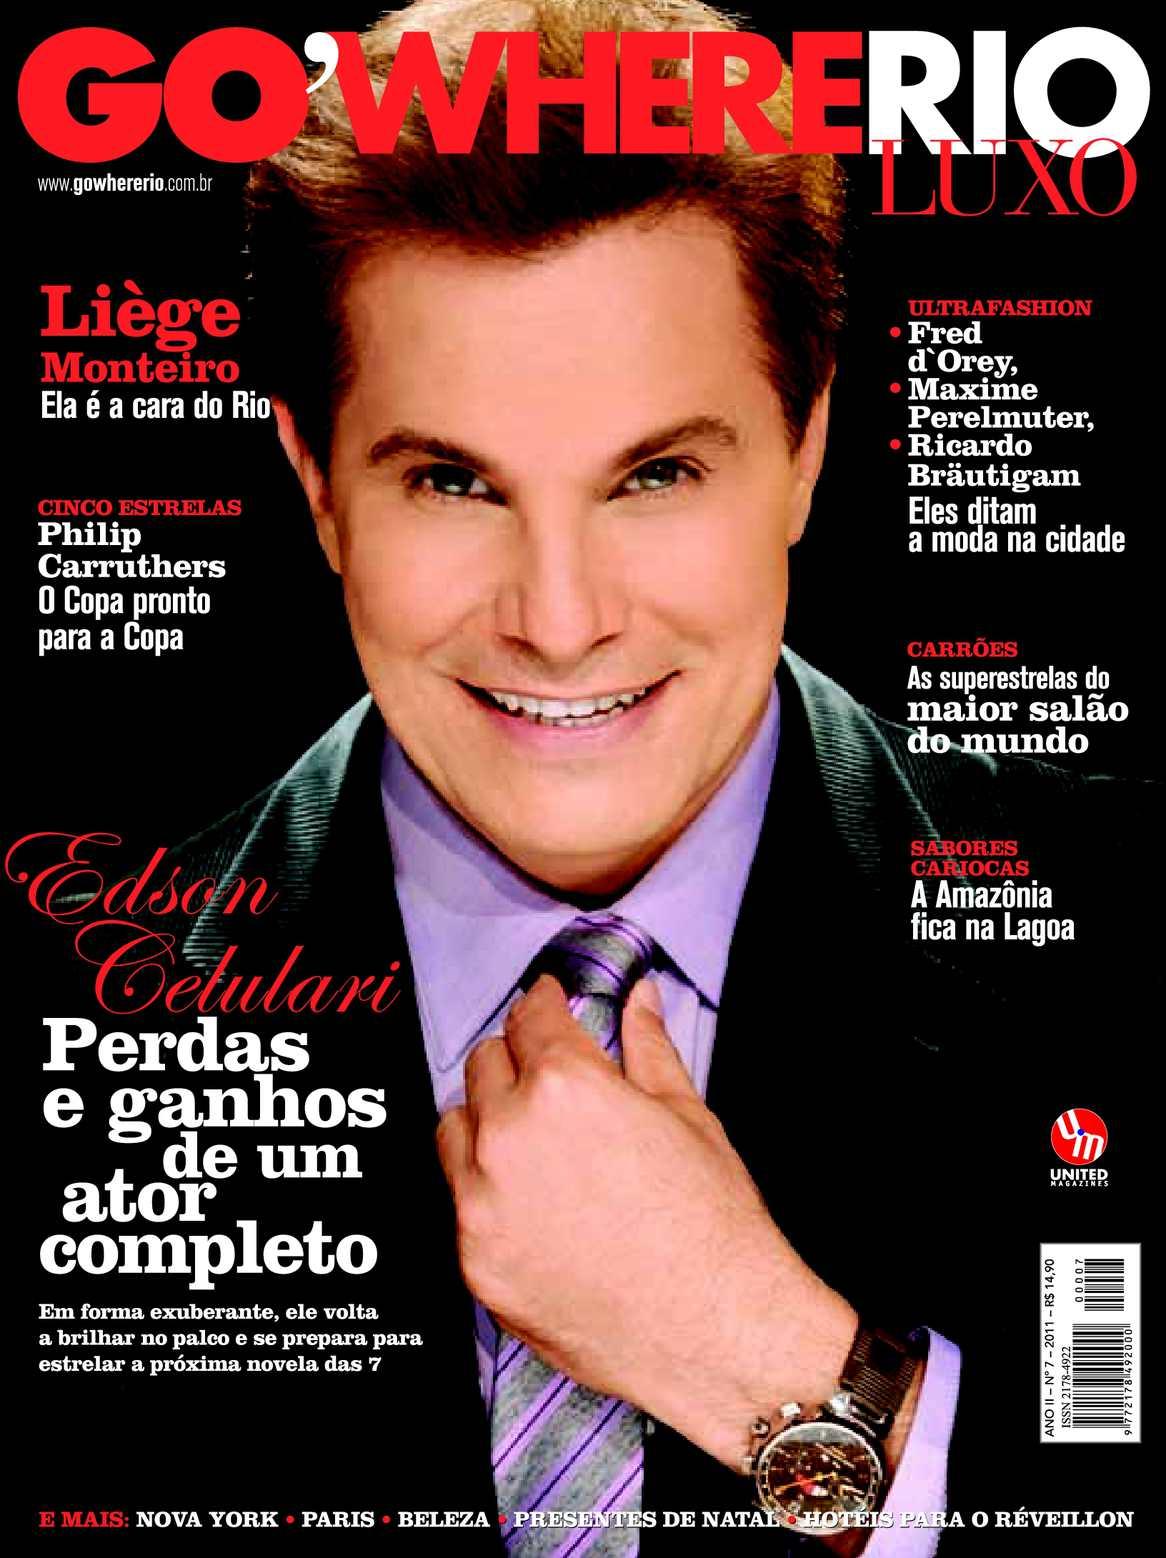 Calaméo - Revista Go Where Rio - Edição 07 6beccef319